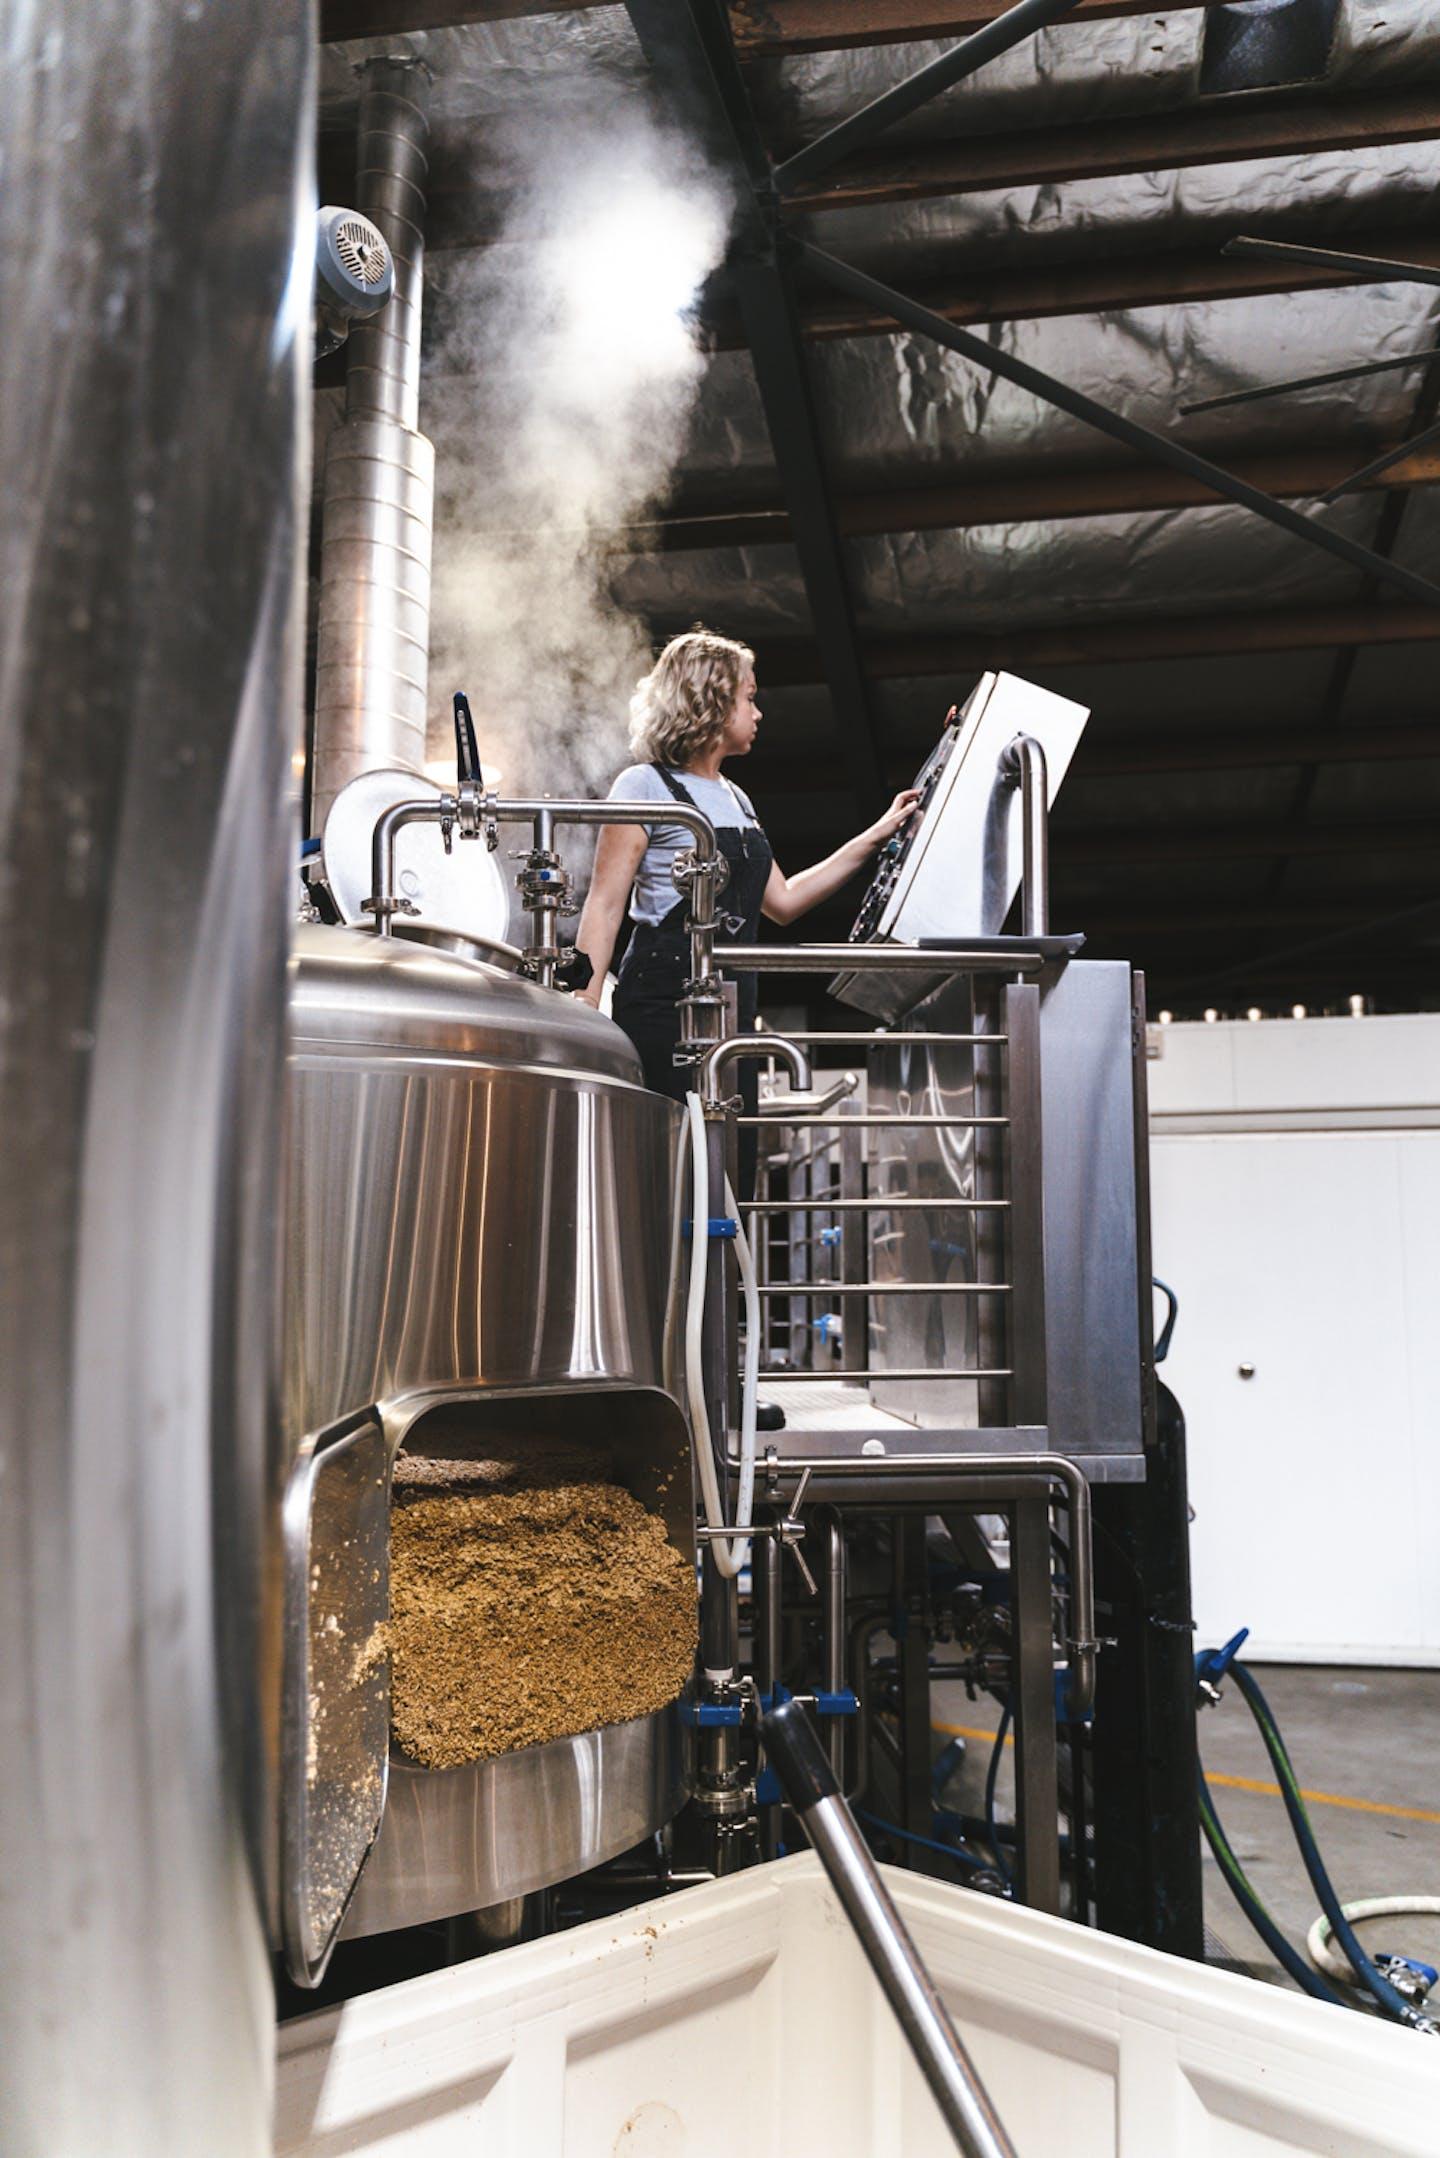 Brewing brewing beer